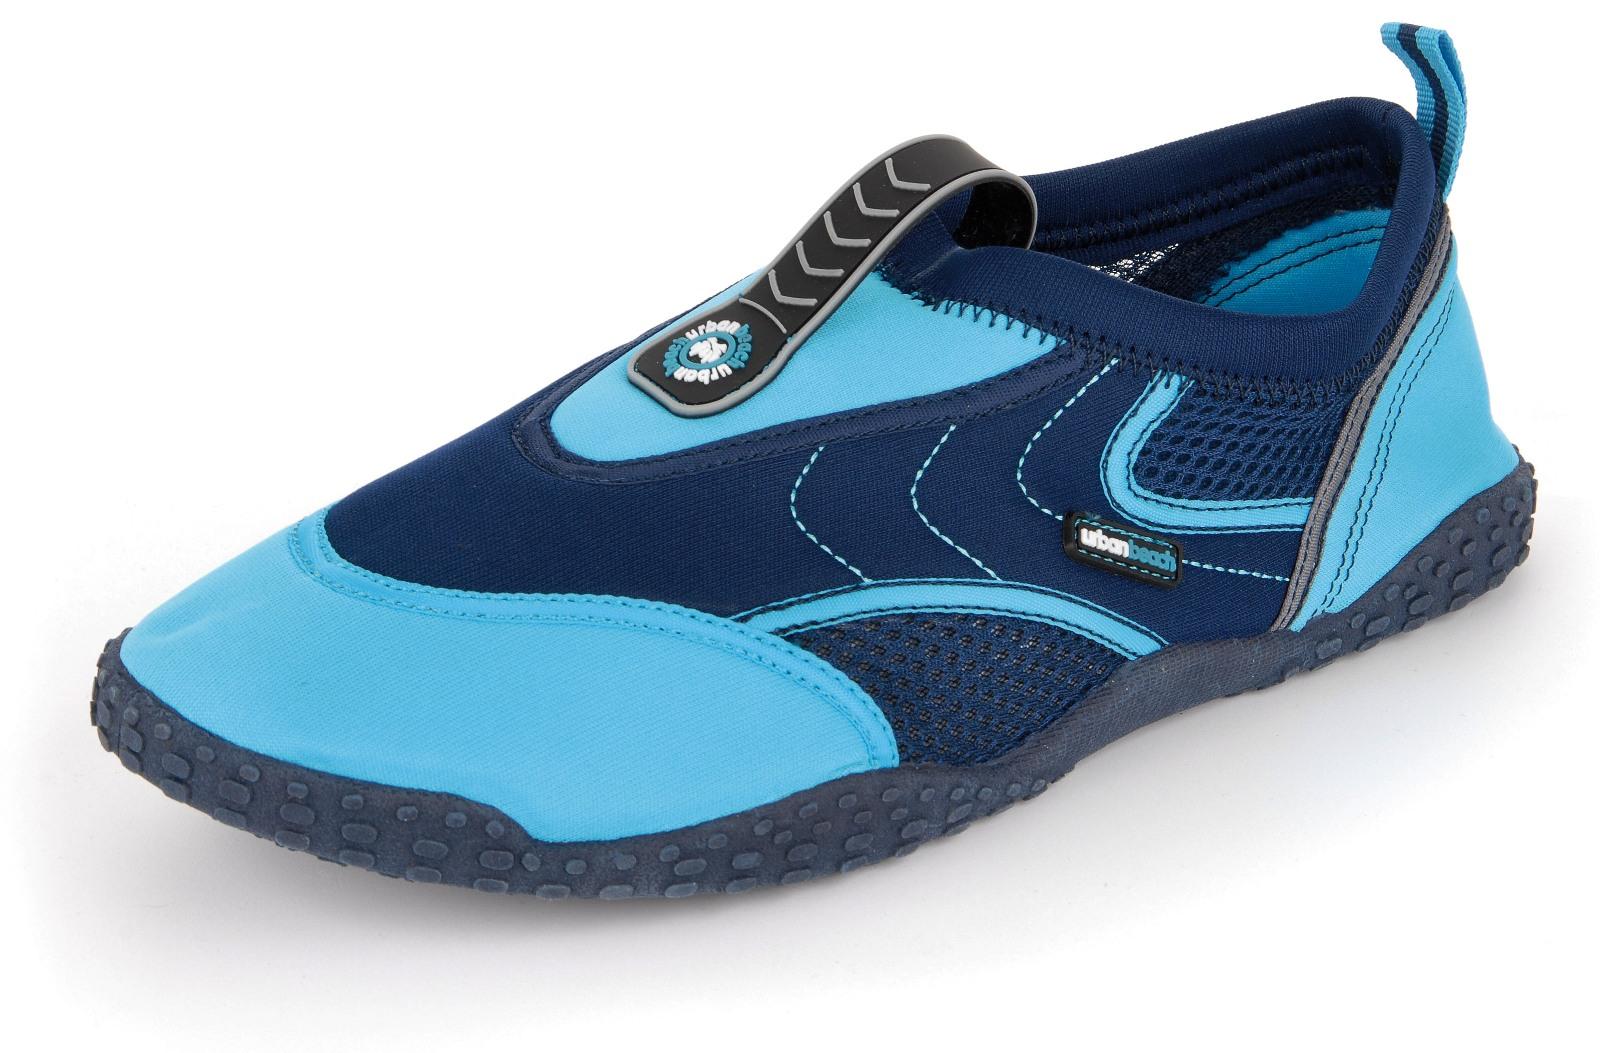 Mens Diving Shoes